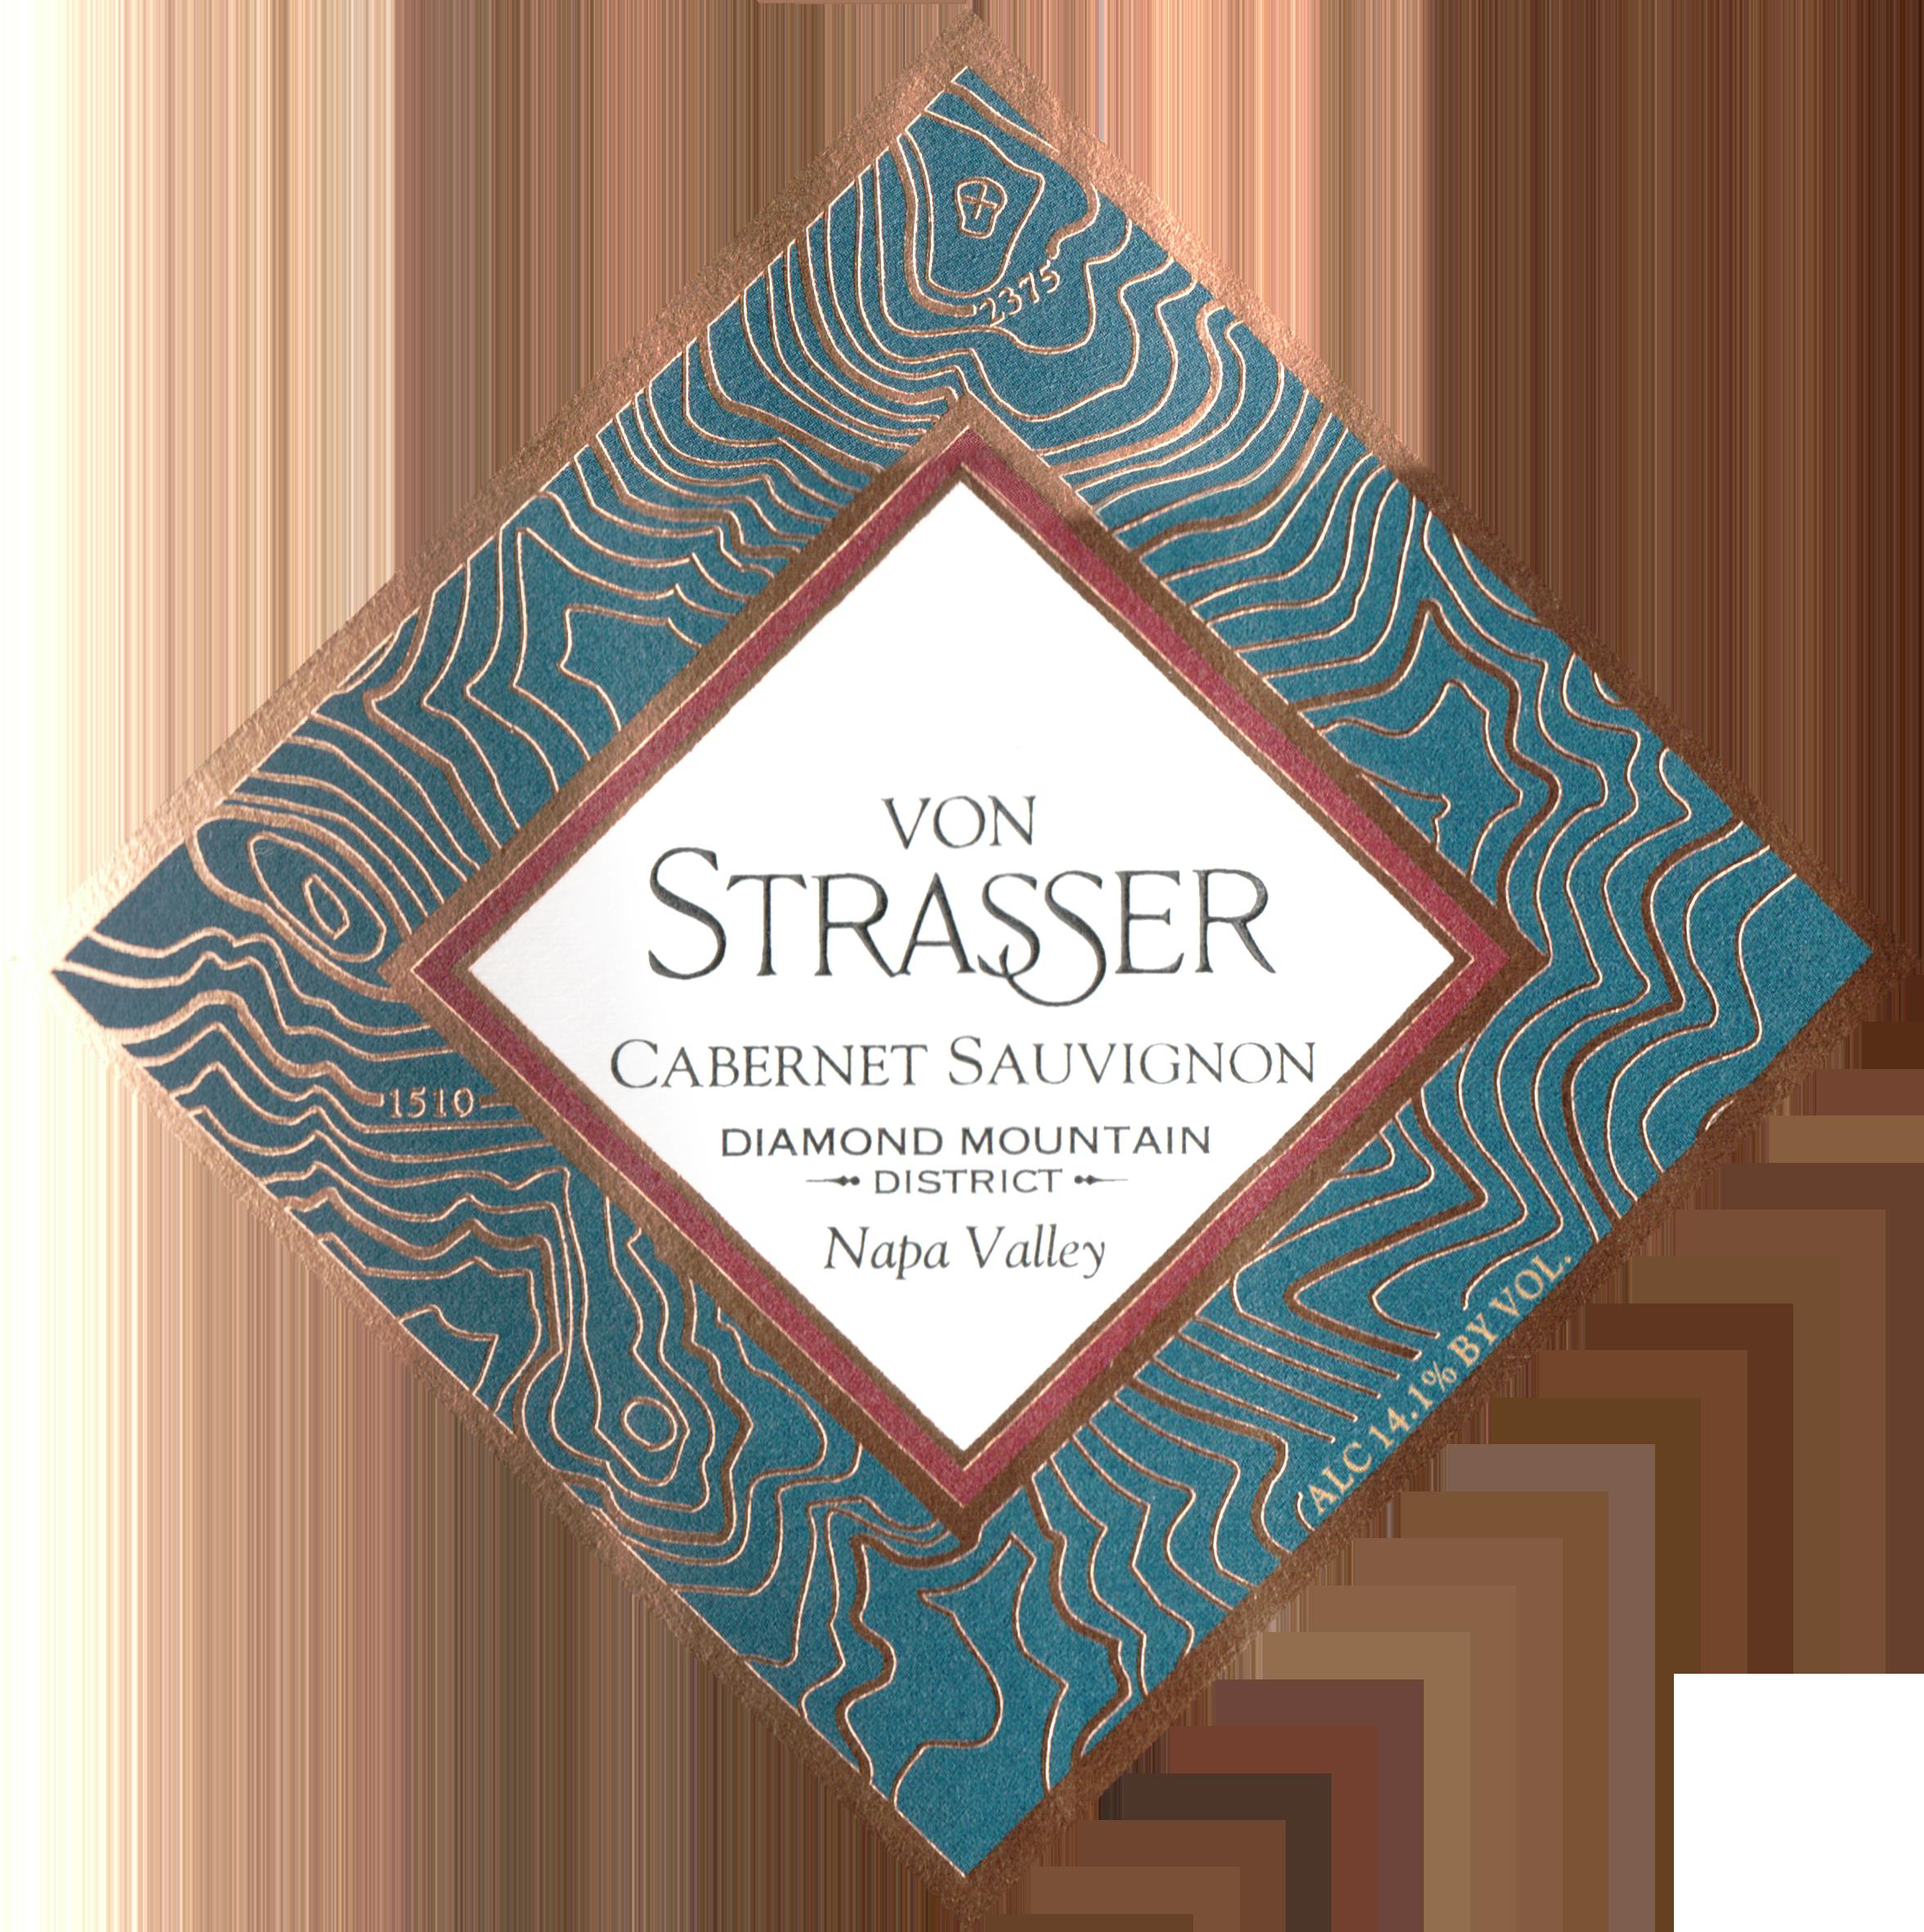 Von Strasser Diamond Mountain Cabernet Sauvignon 2015